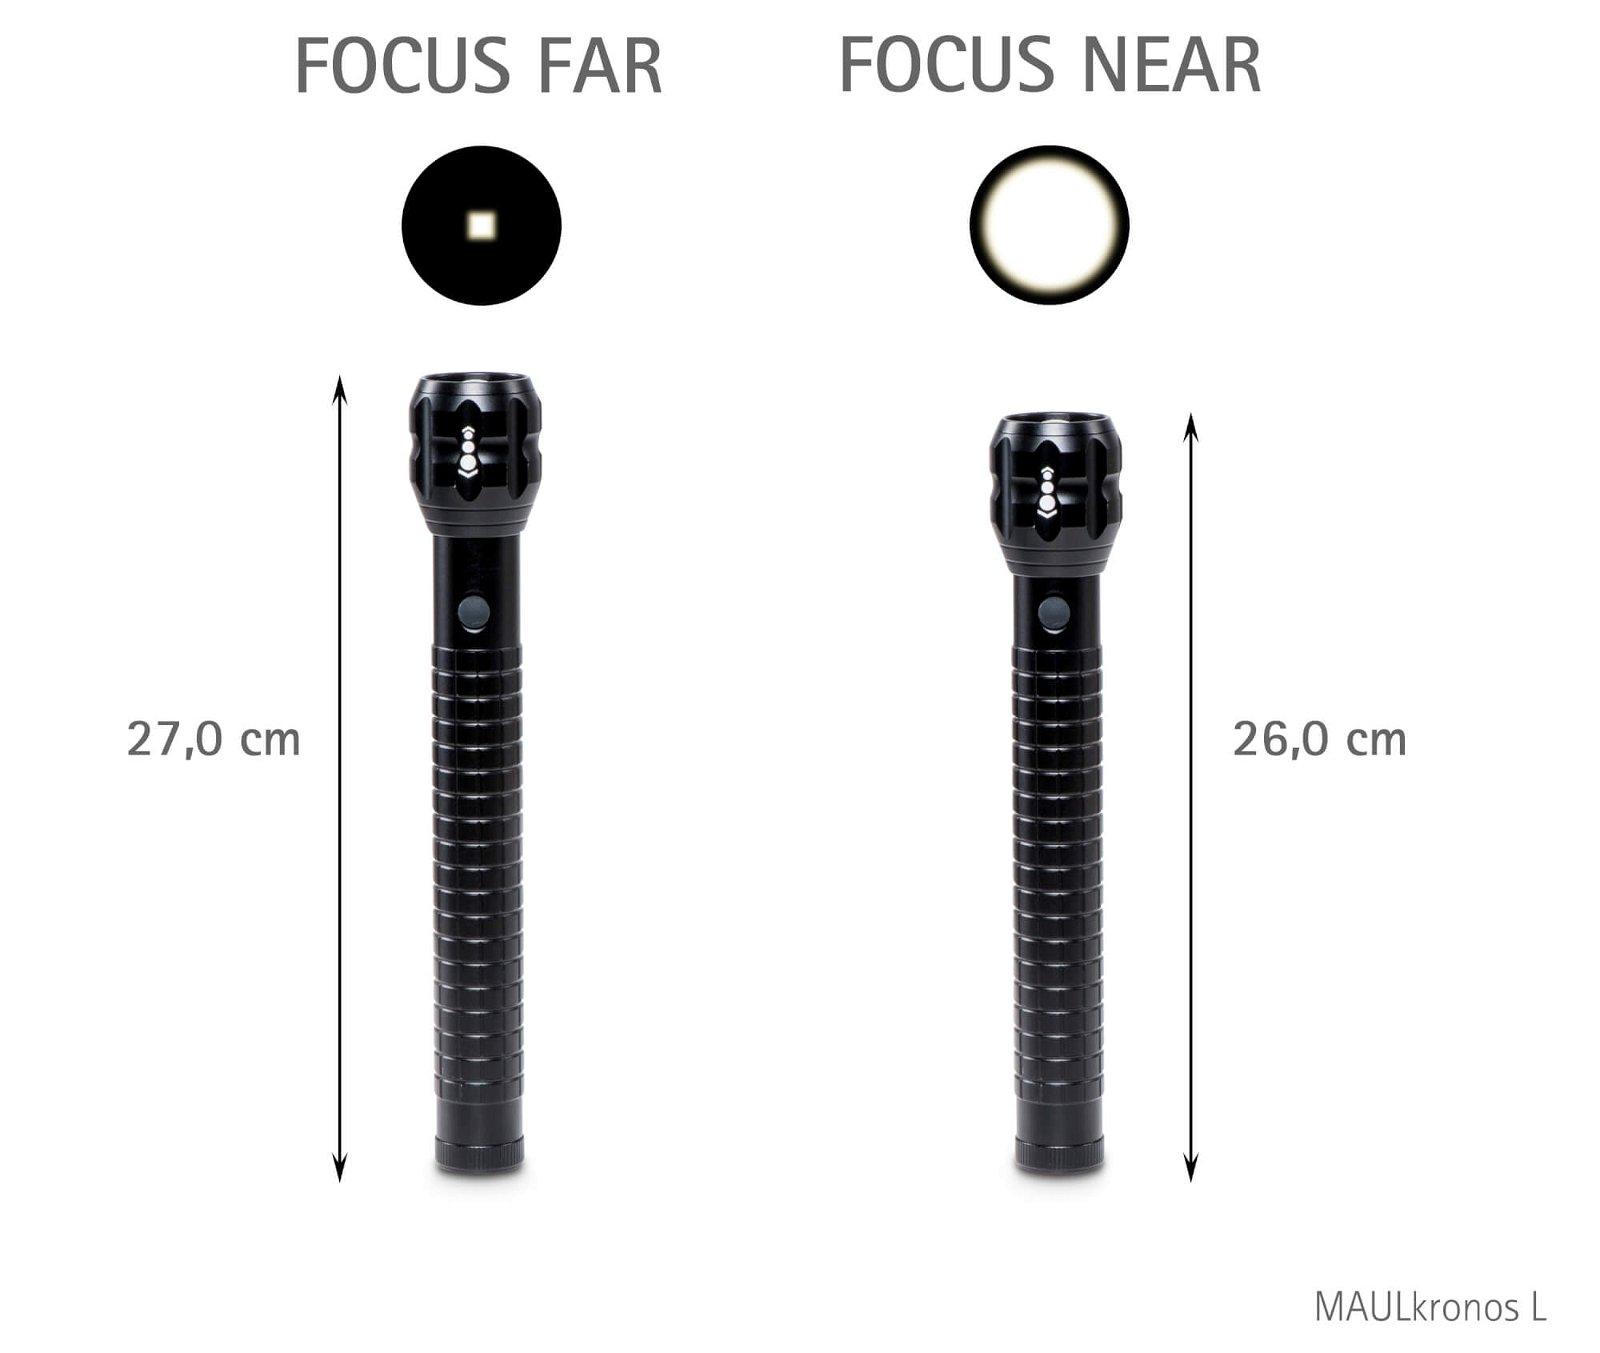 LED-Taschenlampe MAULkronos L - Zoom